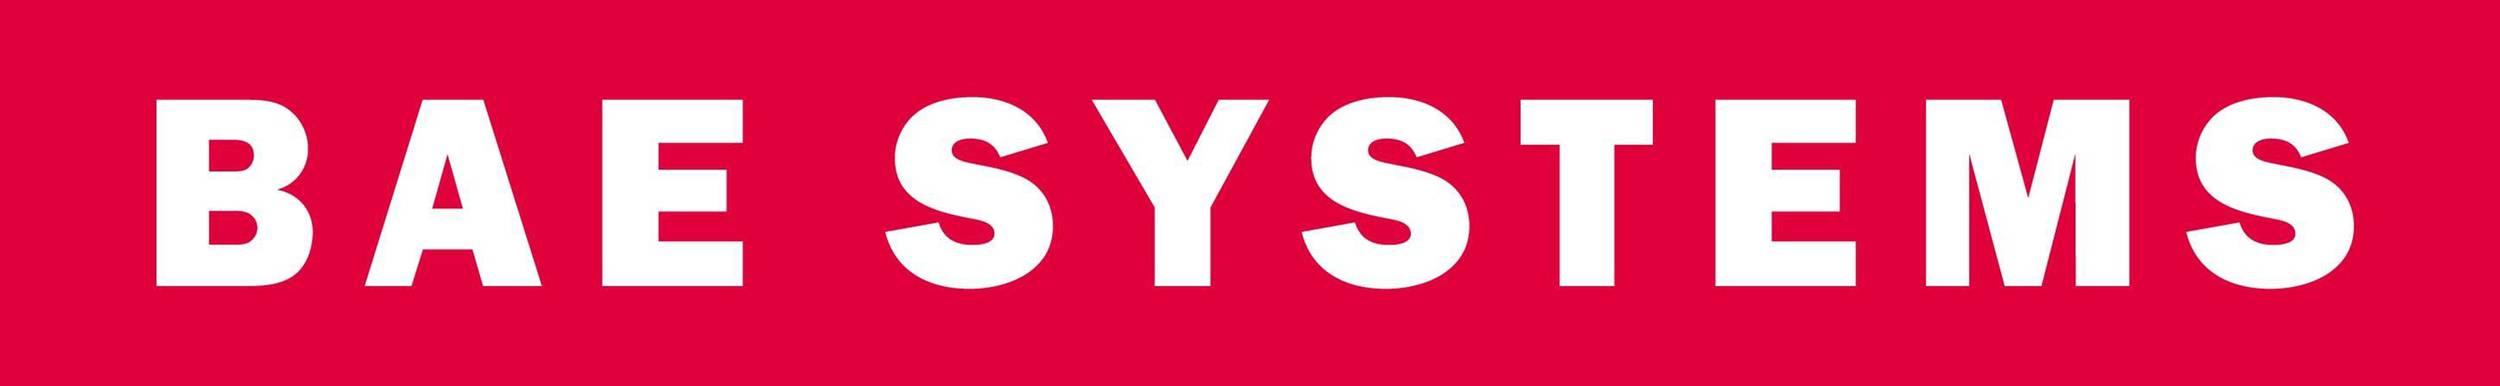 BAE Logo.jpg